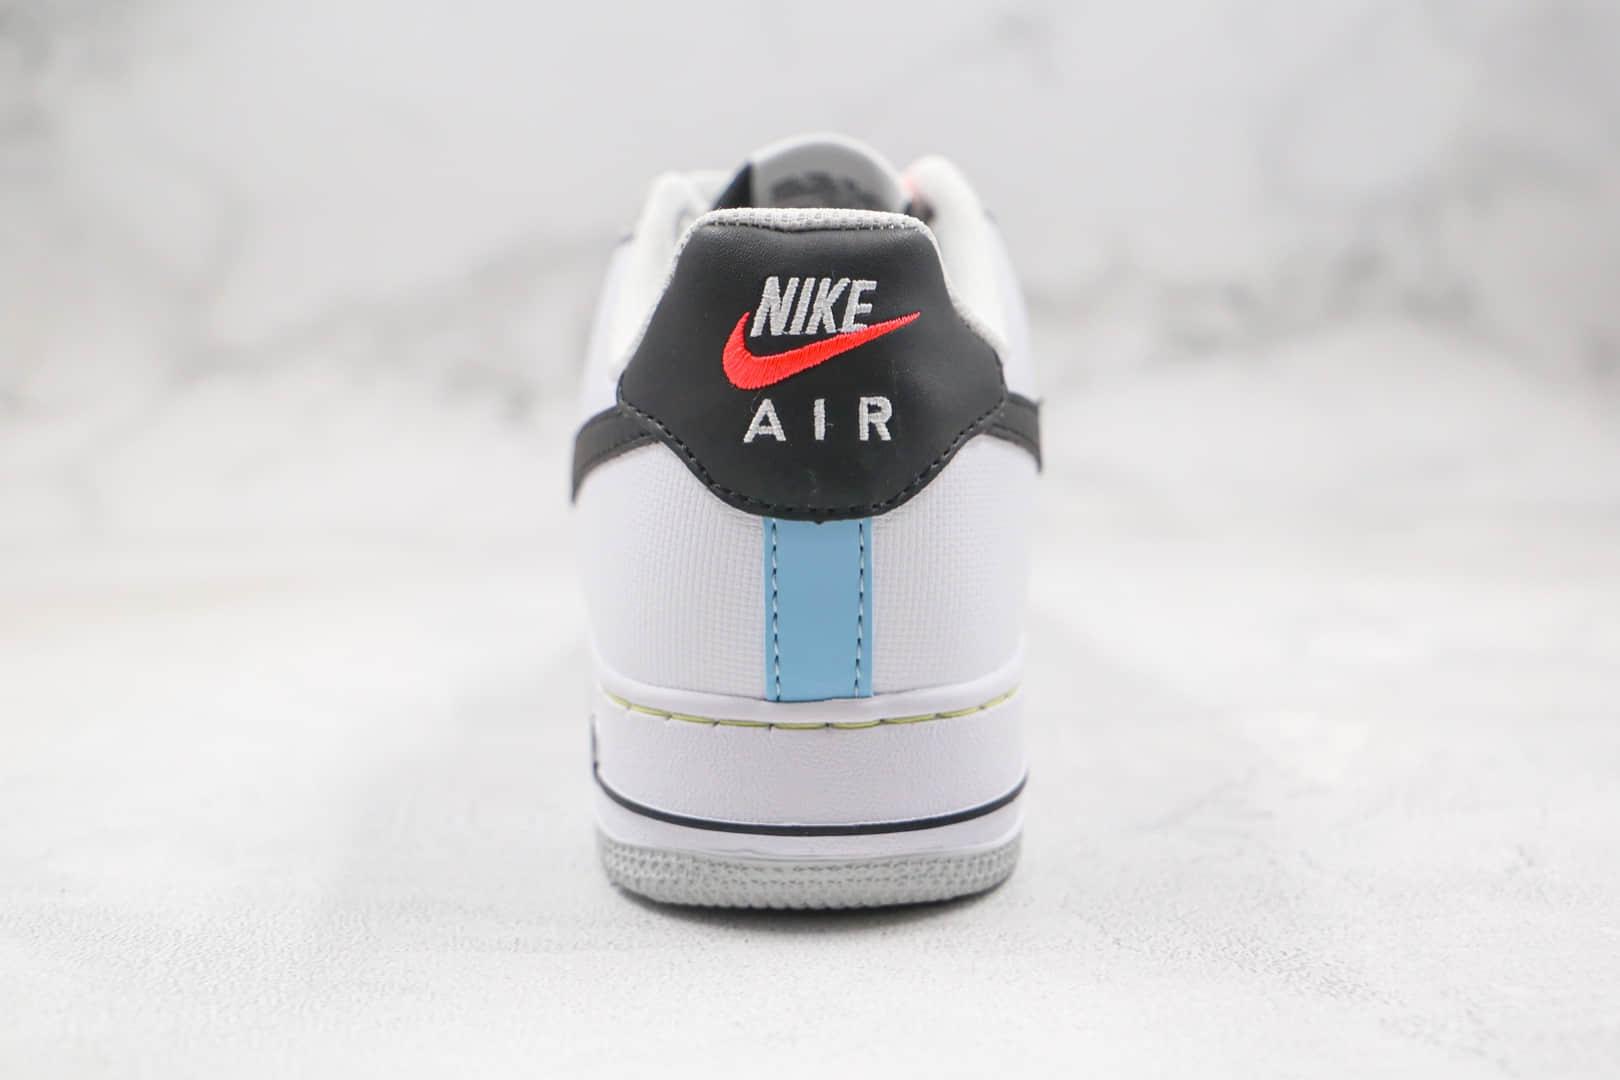 耐克Nike Air Force 1 low 2021纯原版本低帮空军一号解构粉色小勾大黑勾板鞋原档案数据开发 货号:DC2532-100